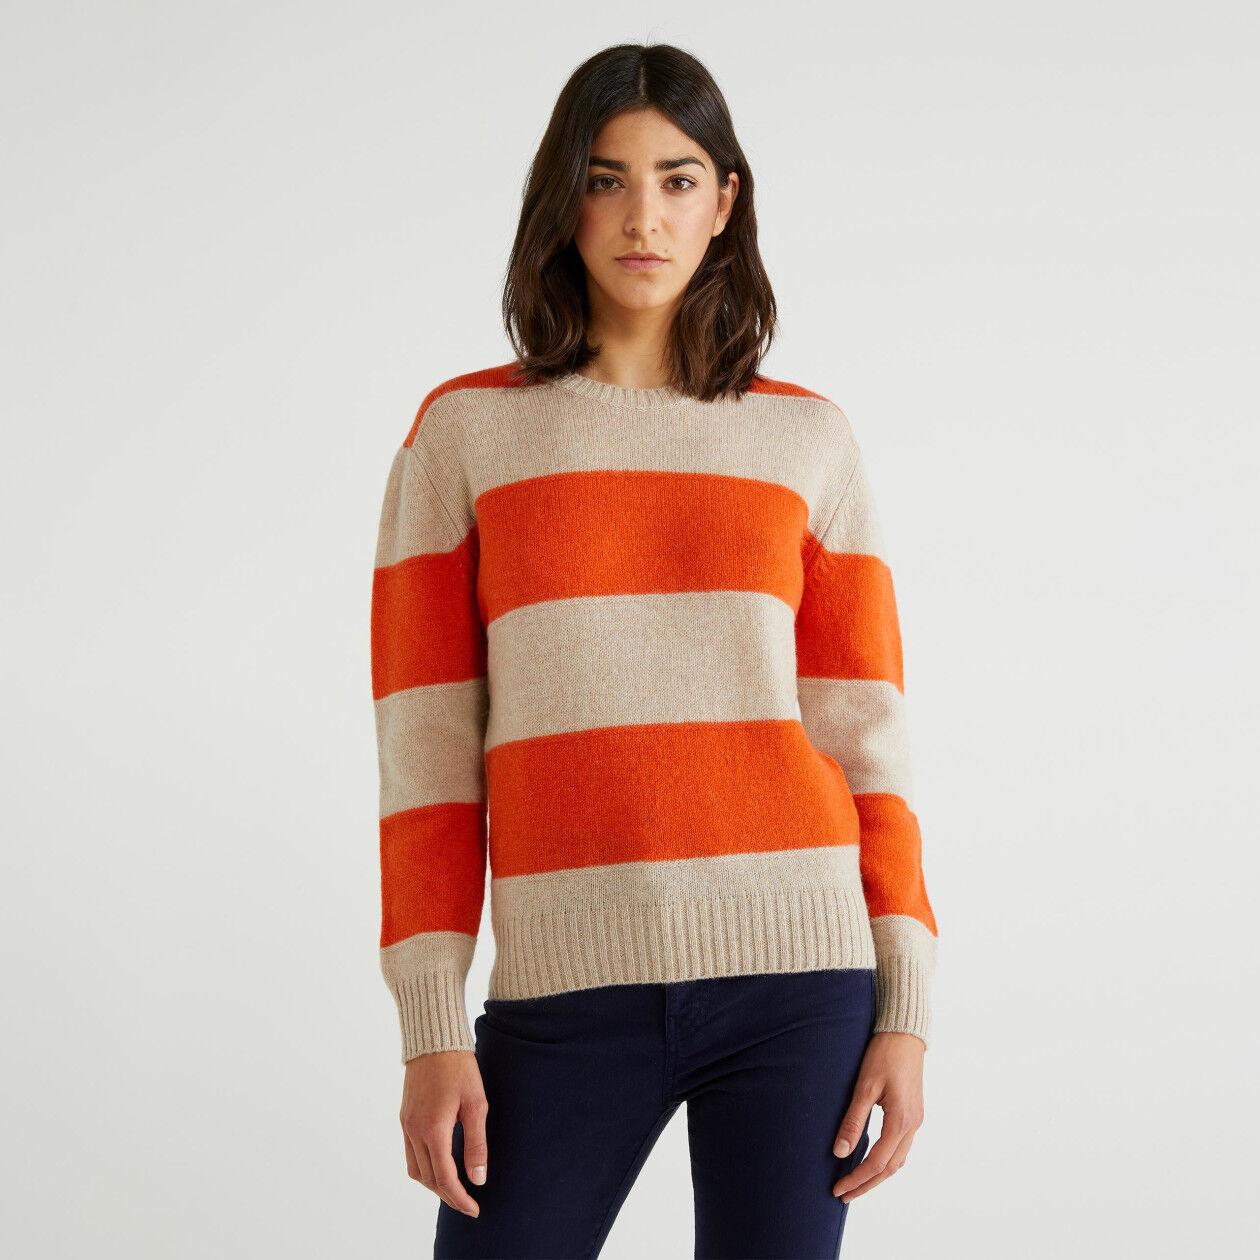 Sweater in Shetland wool